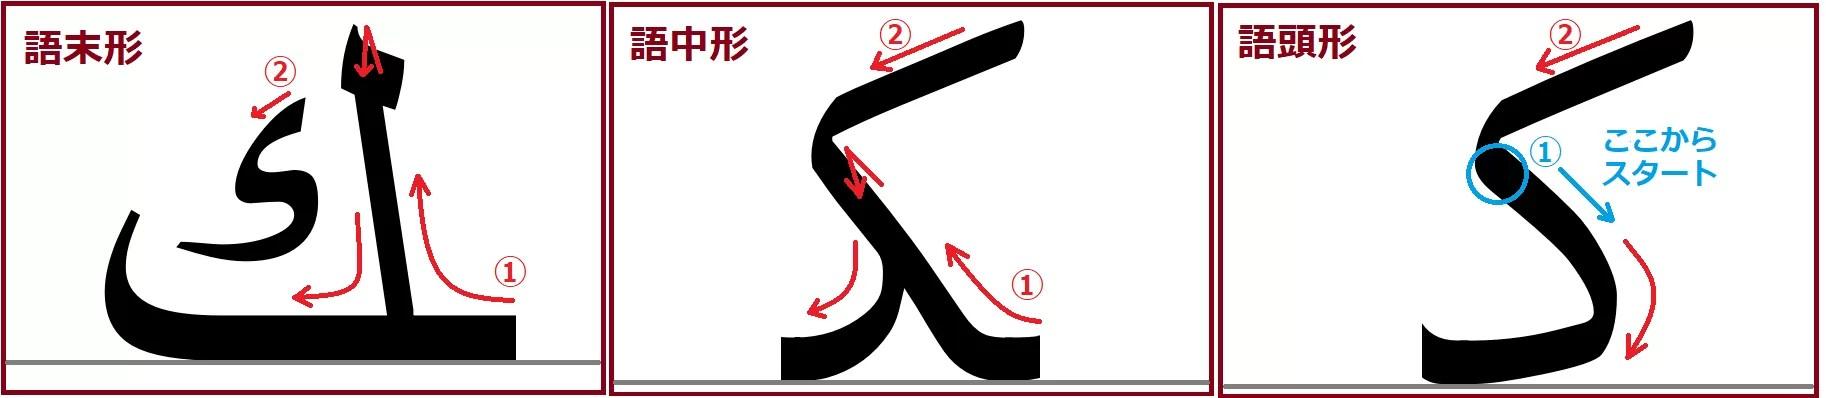 カーフ語頭、語中、語末形